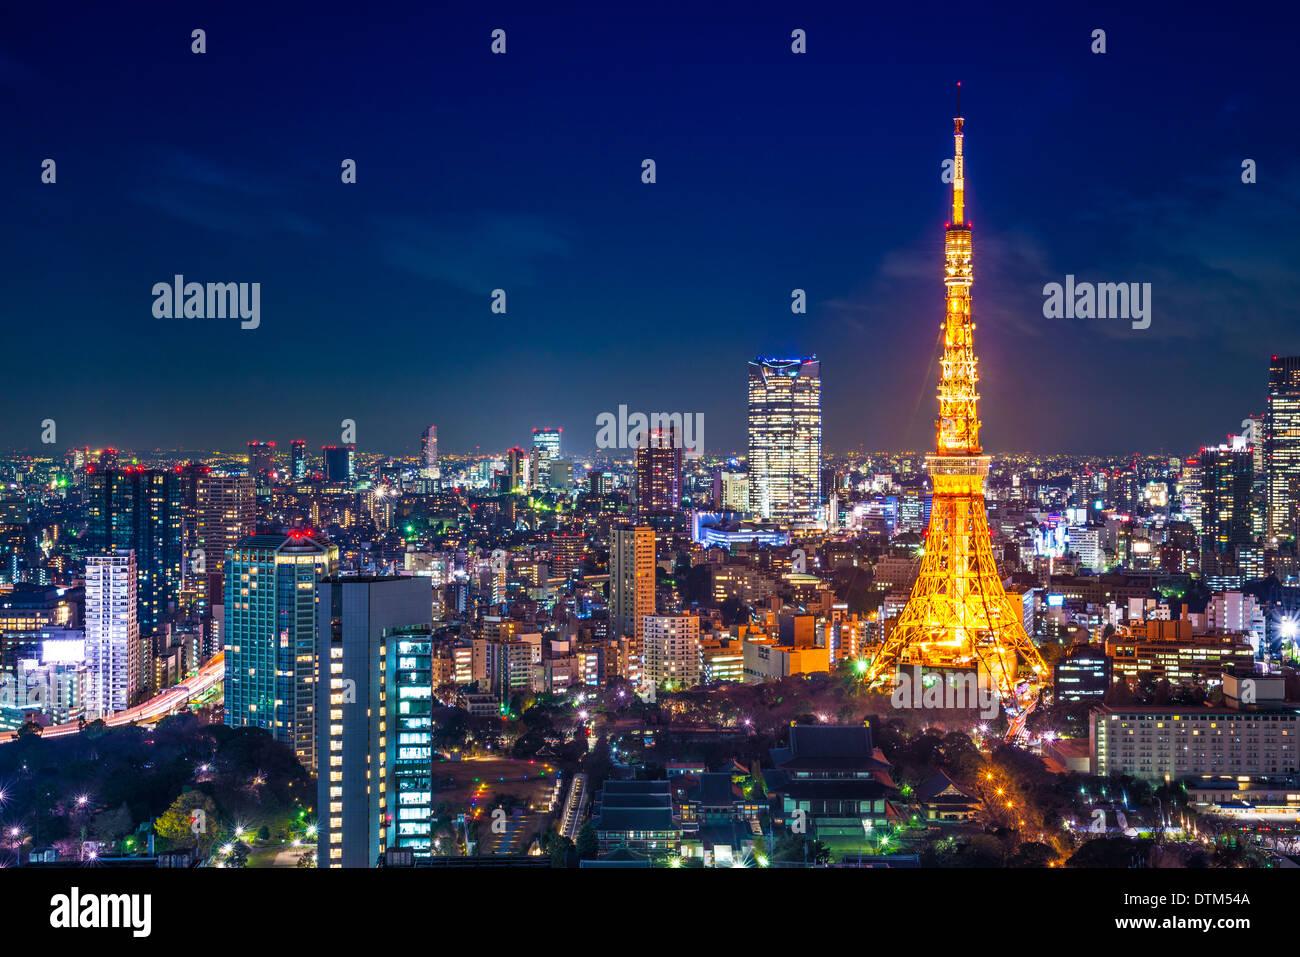 Tokio, Japón paisaje paisaje urbano vista aérea durante la noche. Imagen De Stock